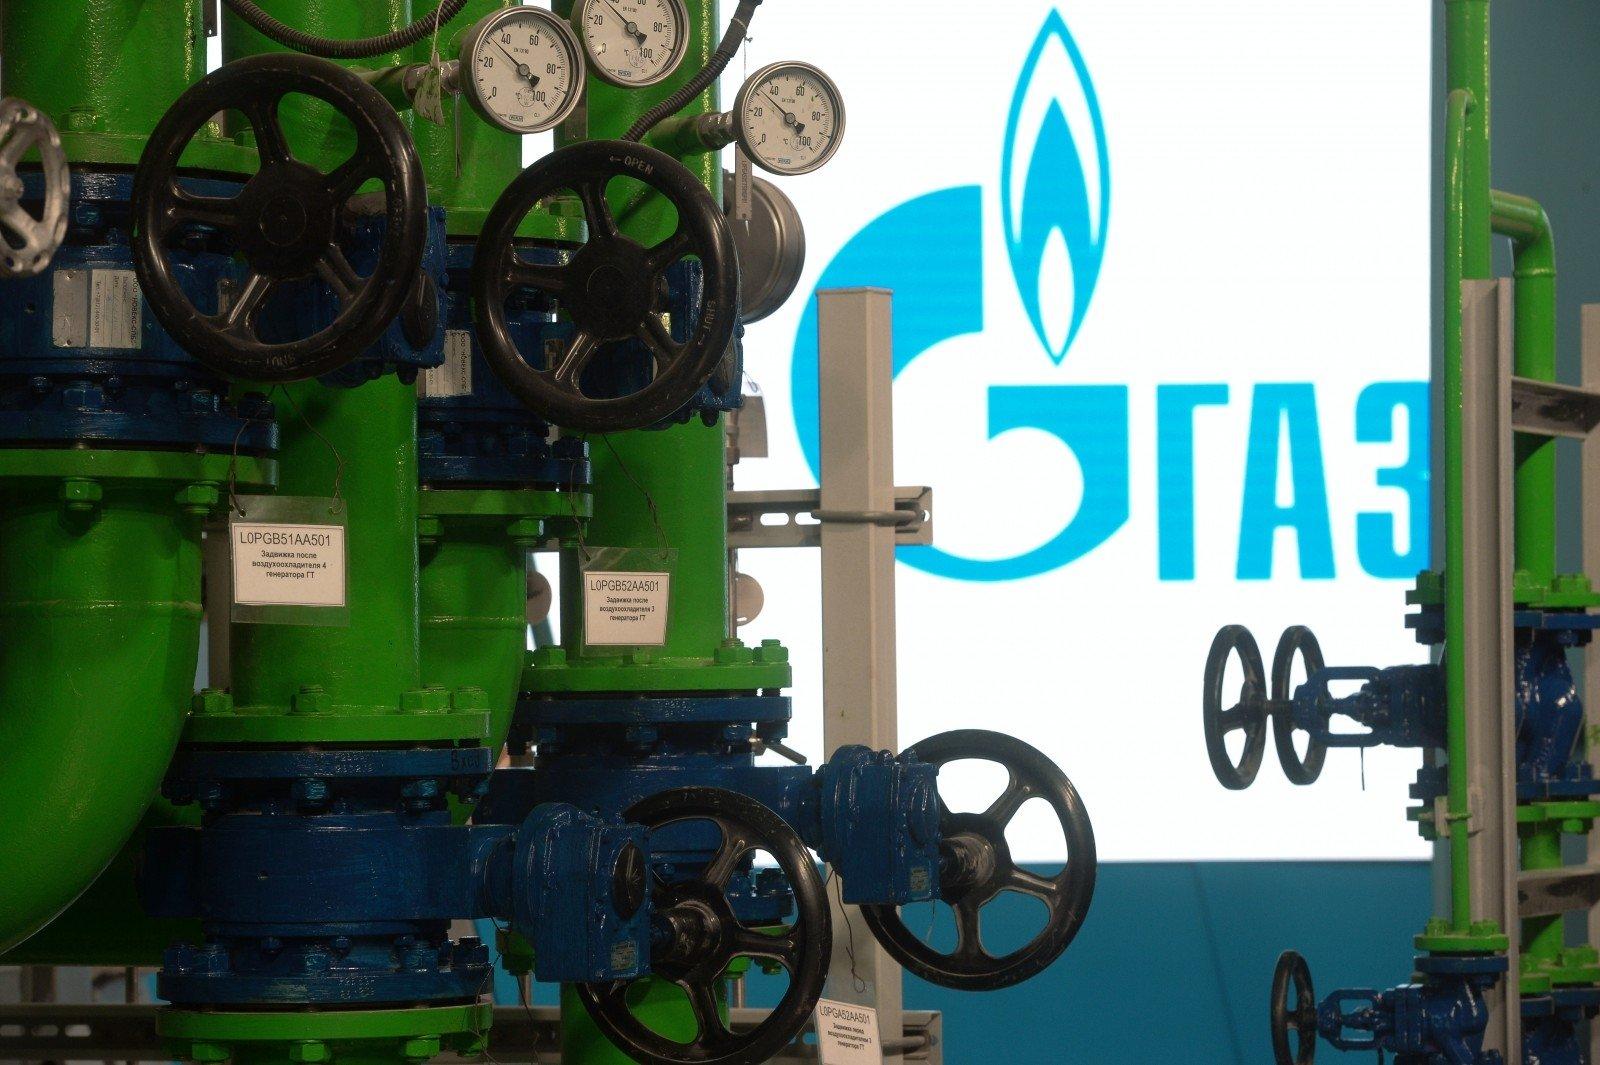 Реванш заПолтаву. Почему шведский суд решил, что «Газпром» должен «Нафтогазу»